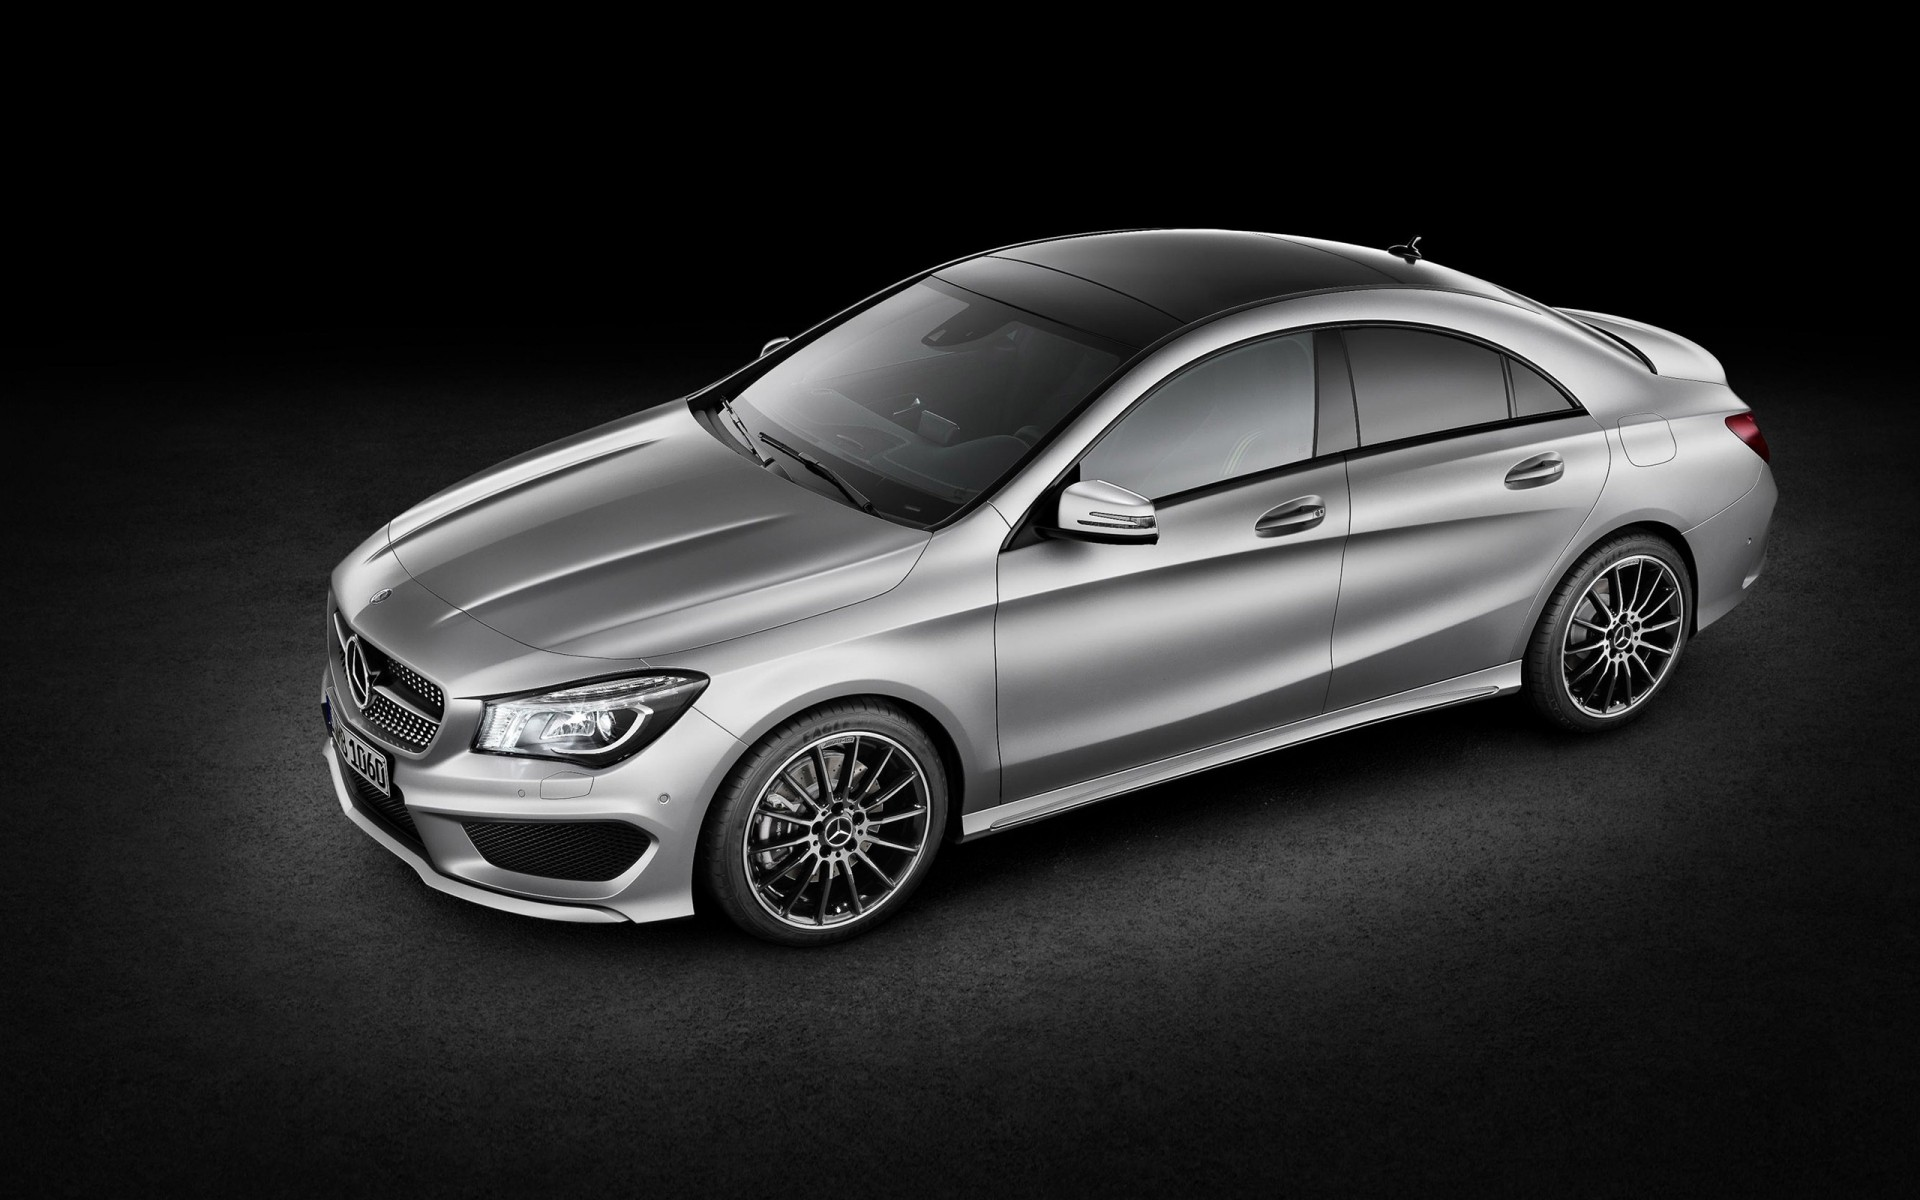 Metallic Mercedes Benz Cla Phone Wallpapers